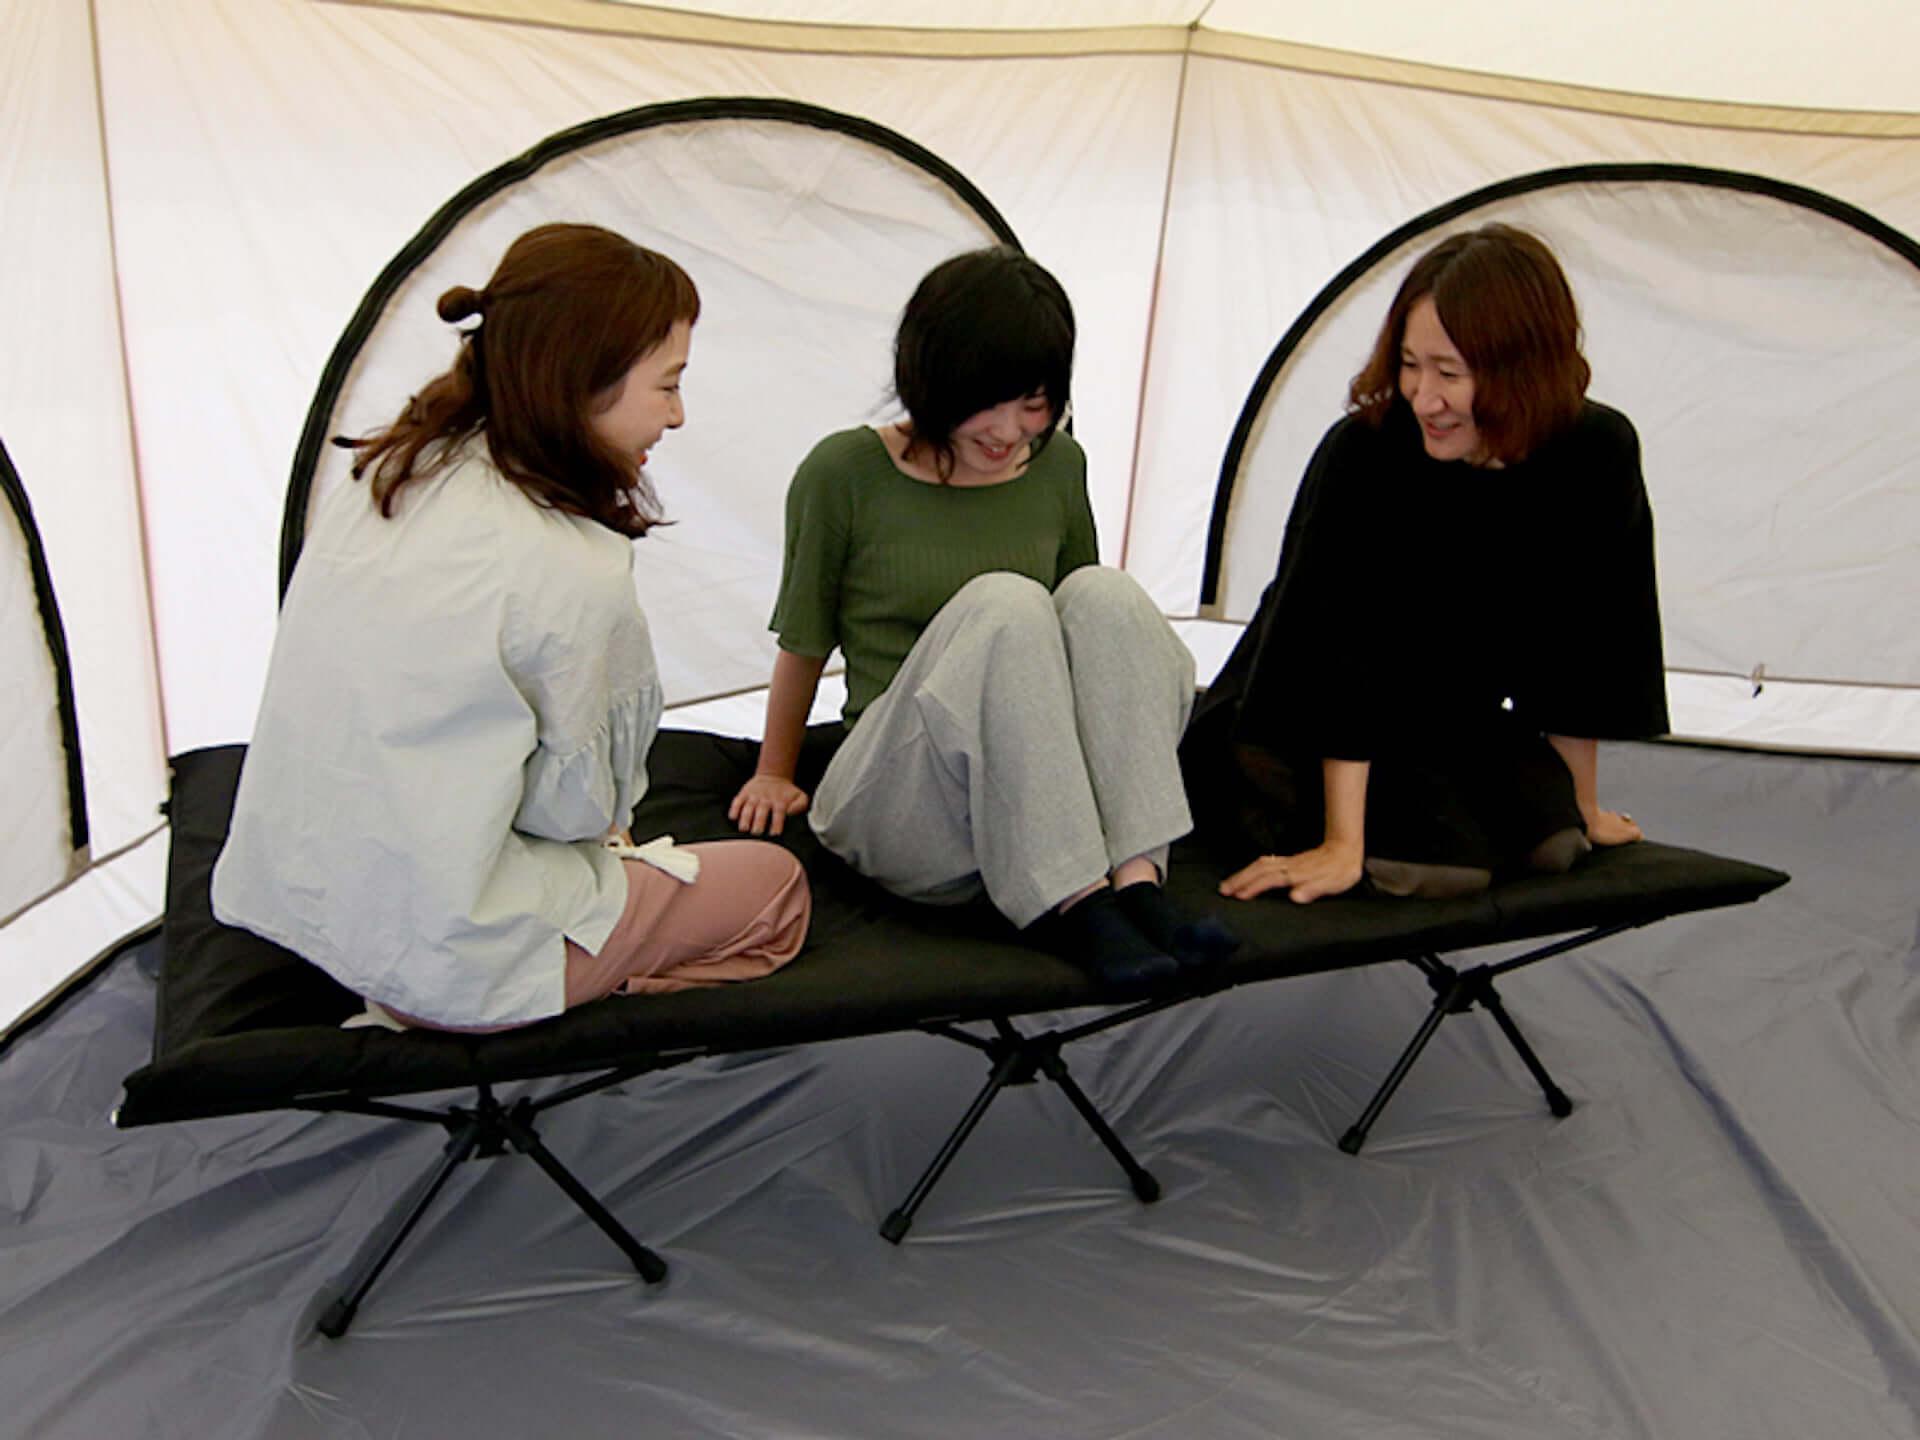 1台3役のキャンプ用ふかふかベッドが登場!男性でも快適な幅広設計なのにコンパクトで持ち運びに便利 lifefashion190723dod-camp-cot_4-1920x1440